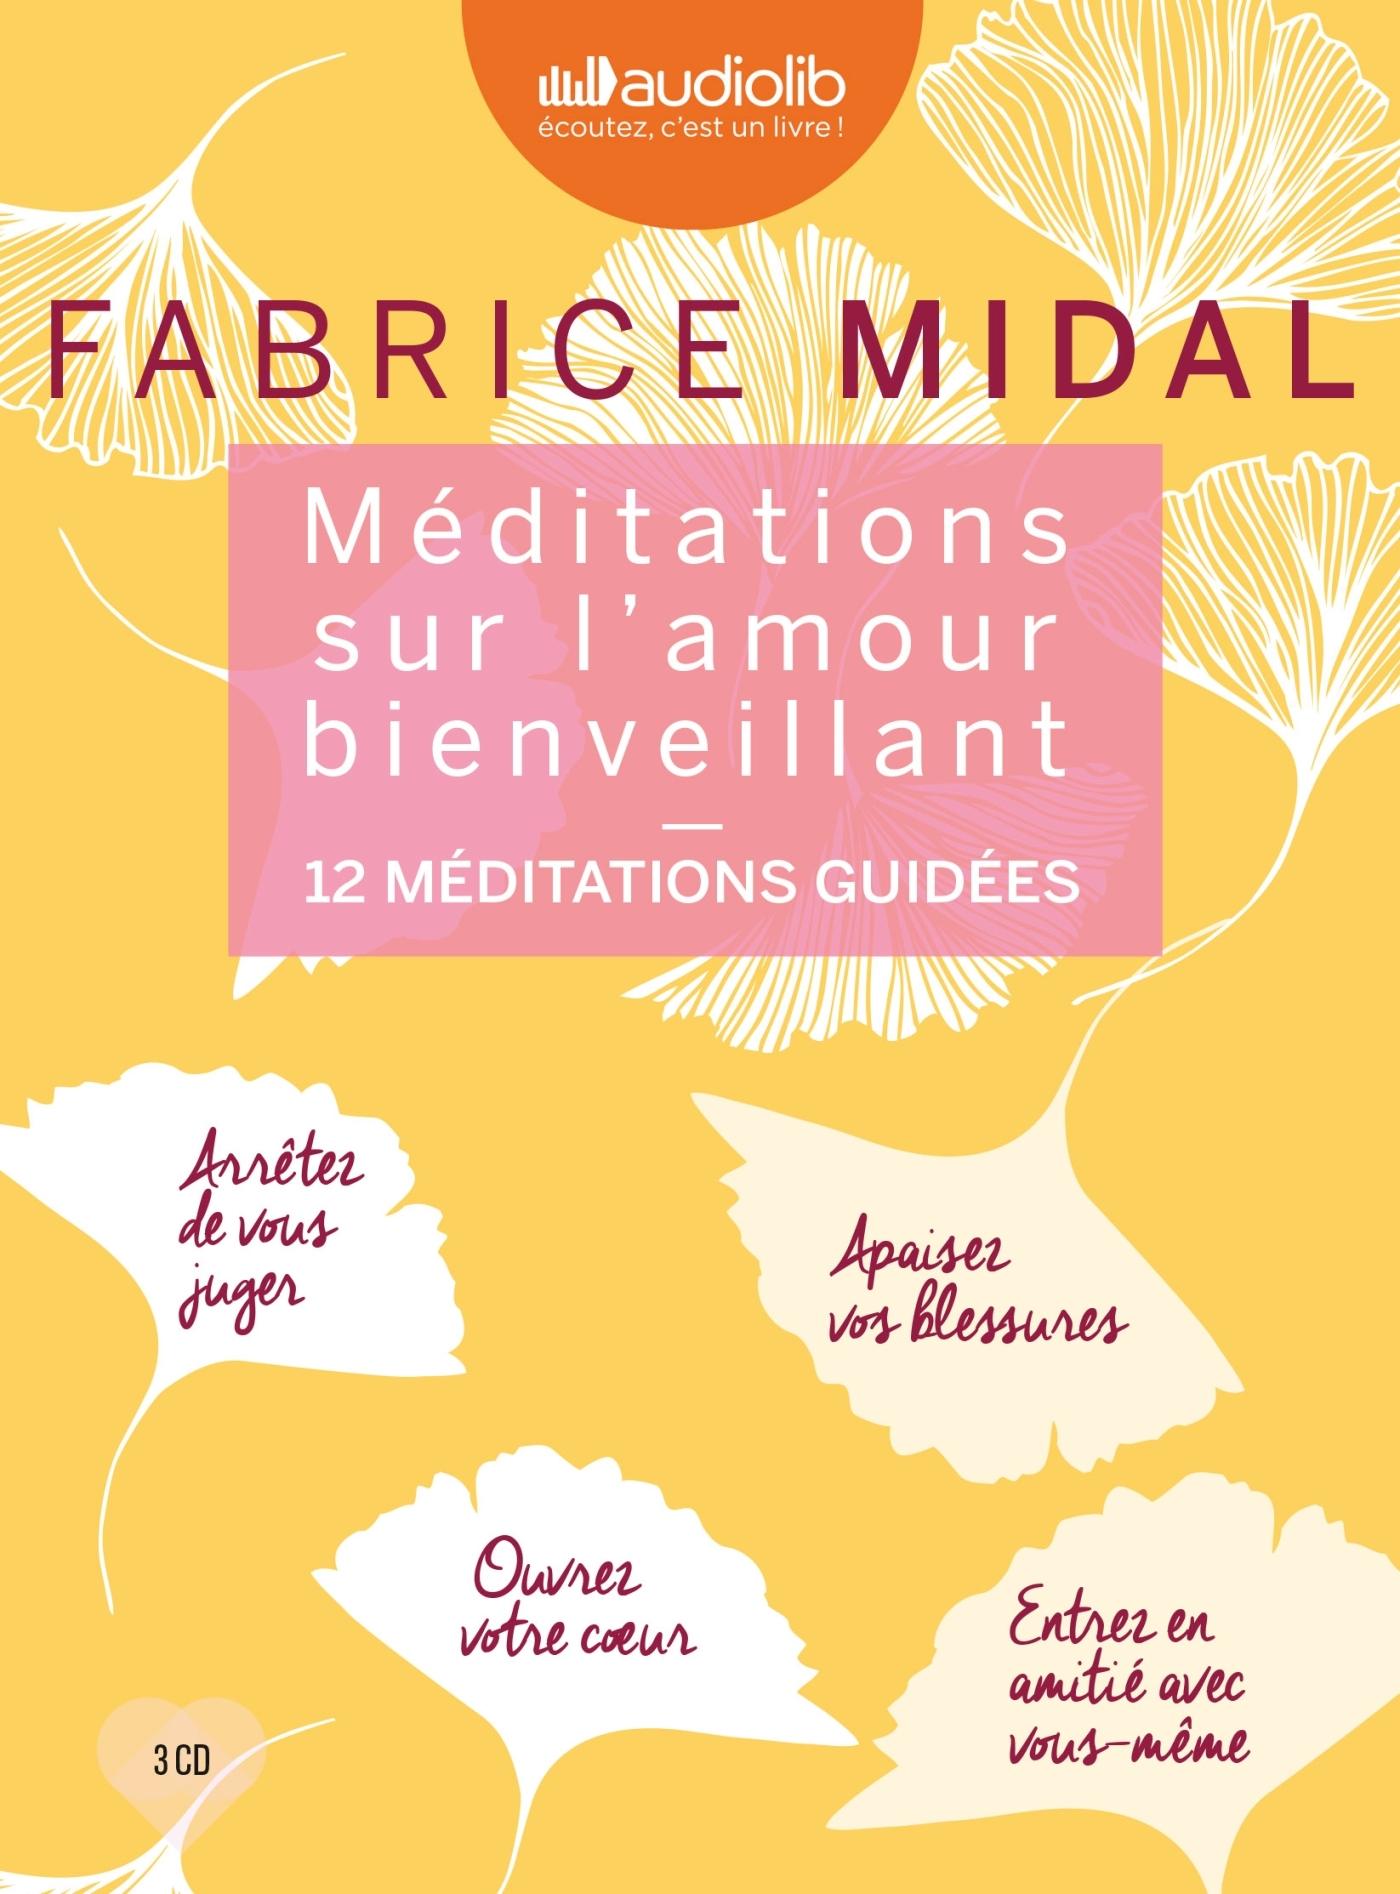 MEDITATIONS SUR L'AMOUR BIENVEILLANT